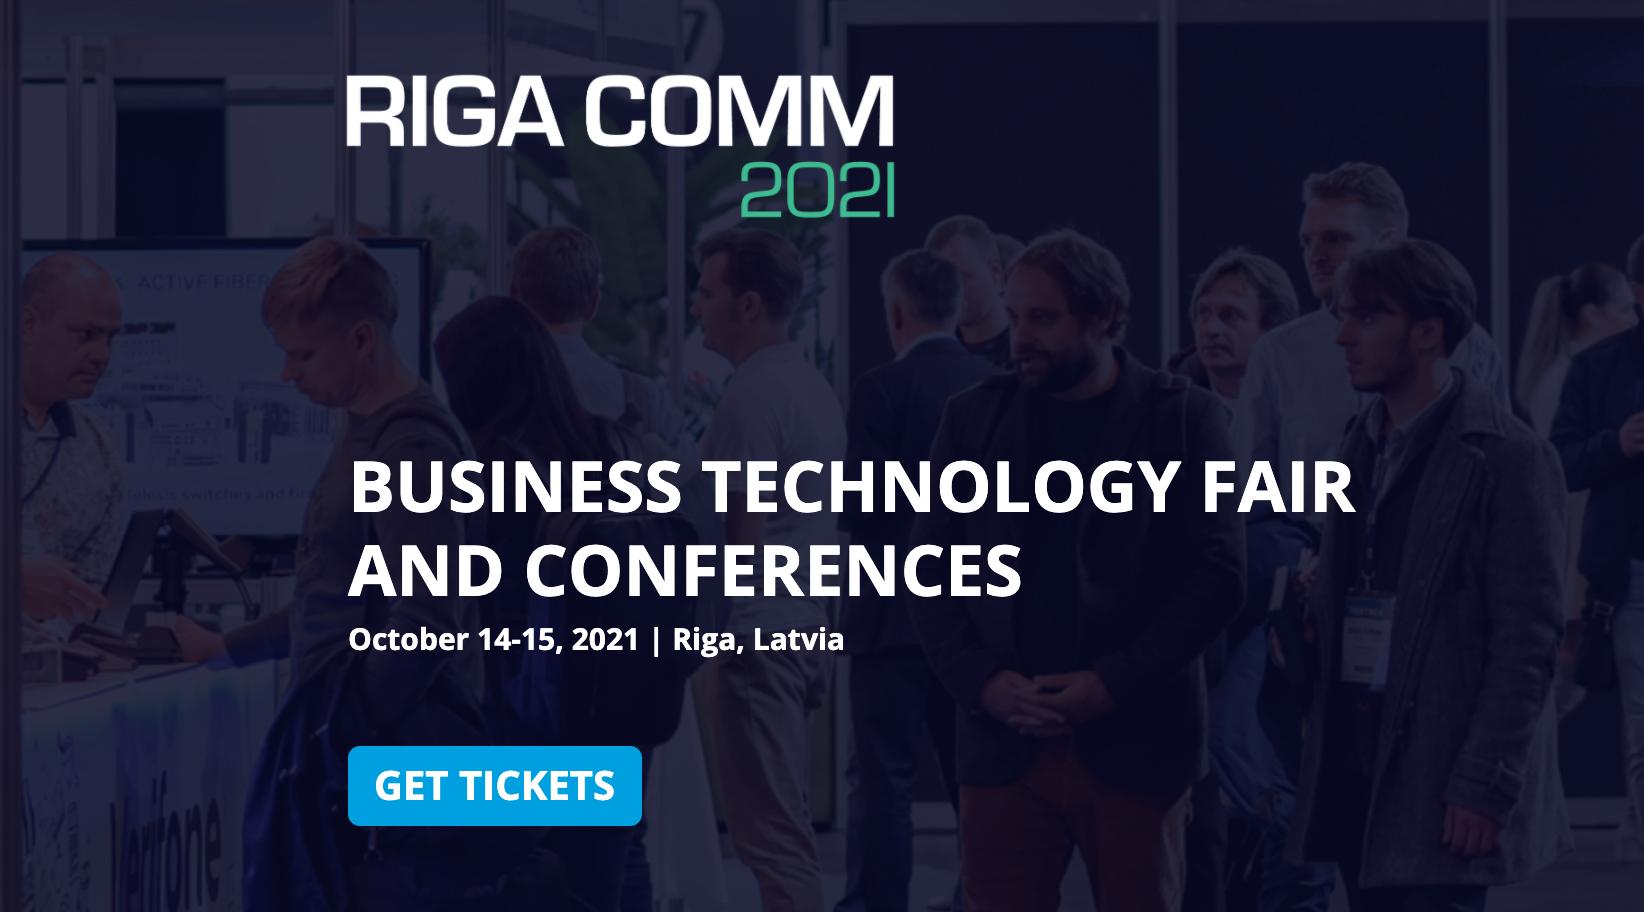 Riga Comm 2021